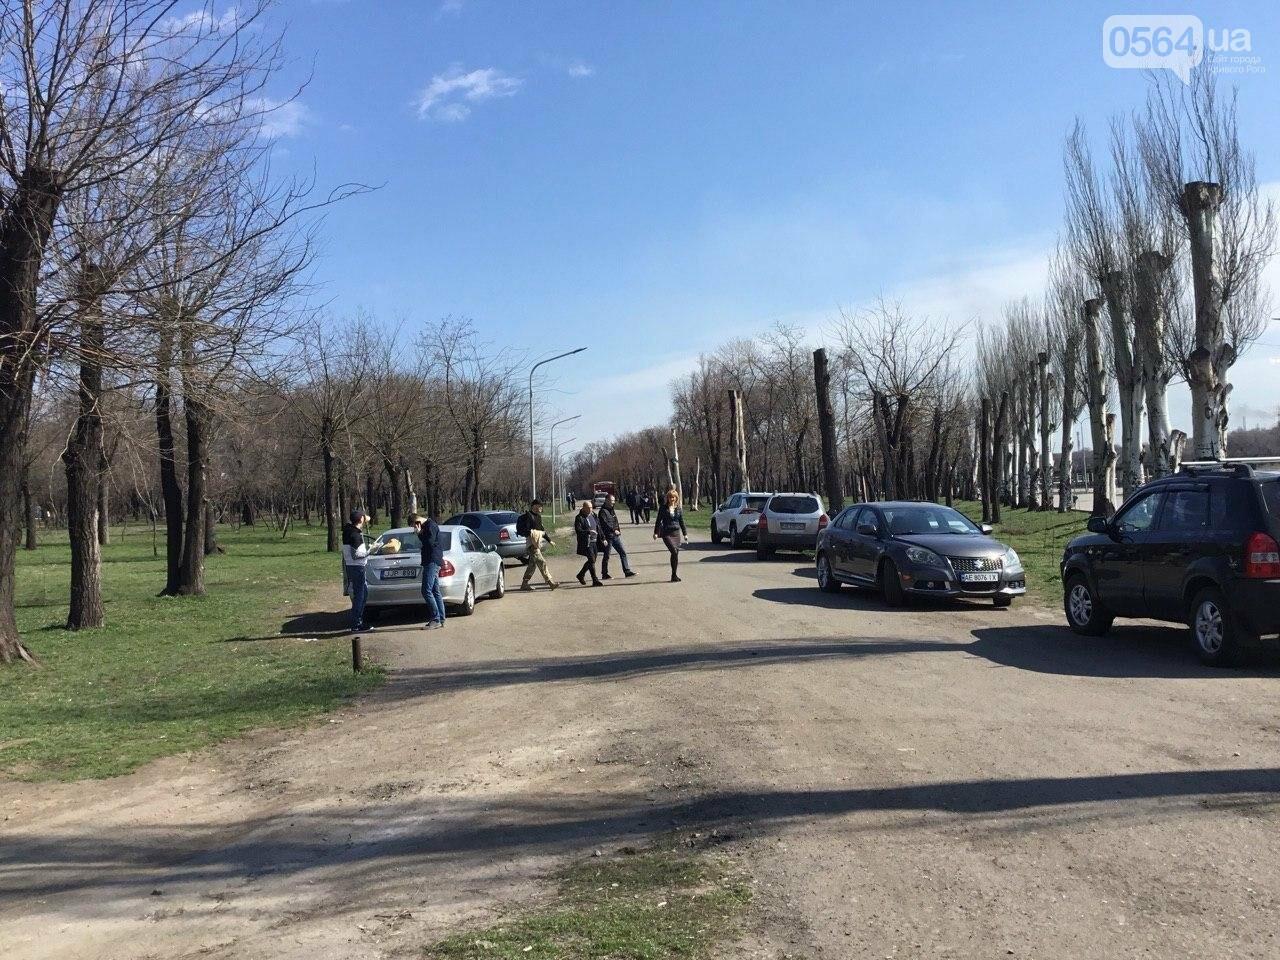 """""""Посади 1000 деревьев"""", - в Кривом Роге проходит акция ко Дню украинского добровольца, - ФОТО, ВИДЕО, фото-9"""